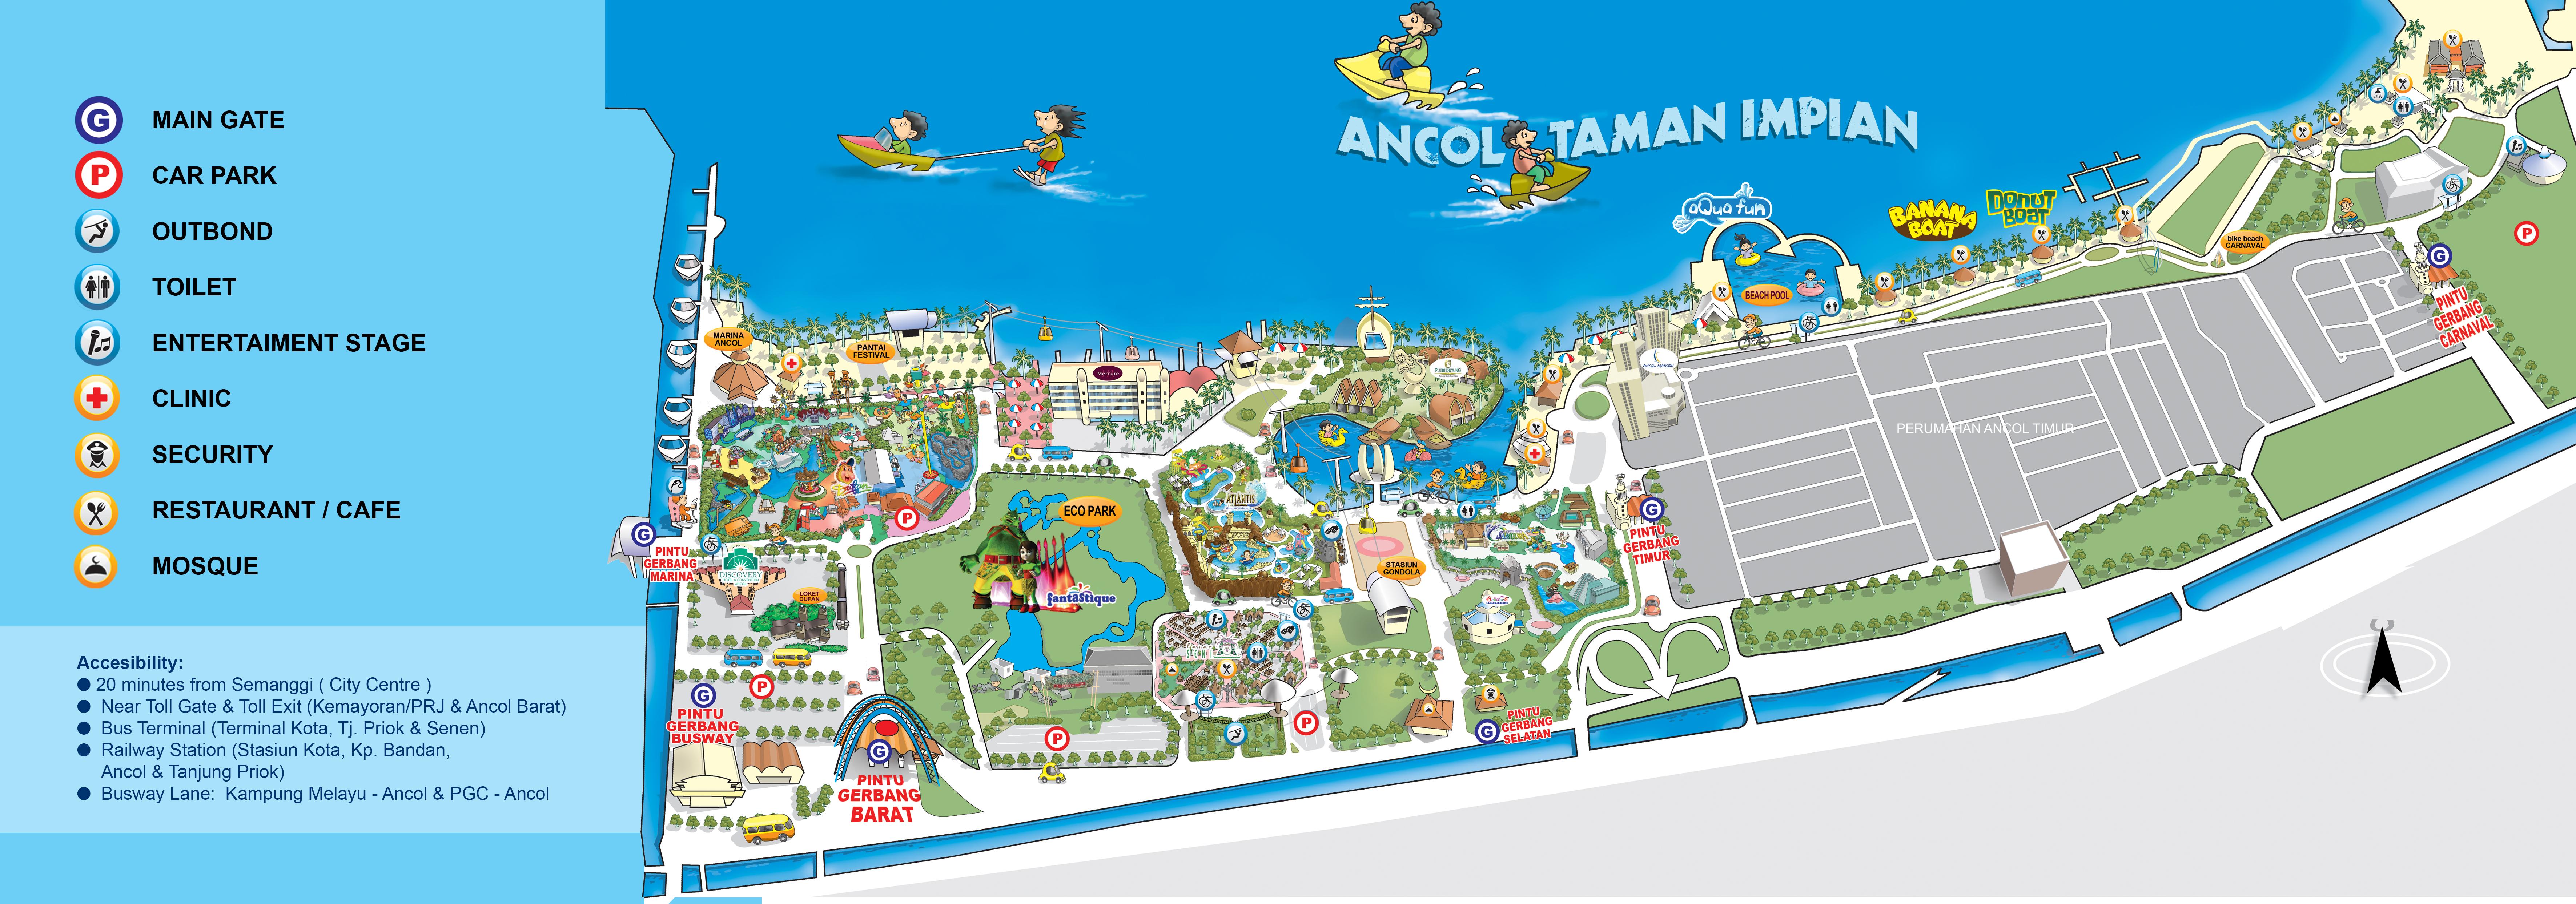 Peta Jpg Sign Dunia Air Ancpl Kota Administrasi Jakarta Utara